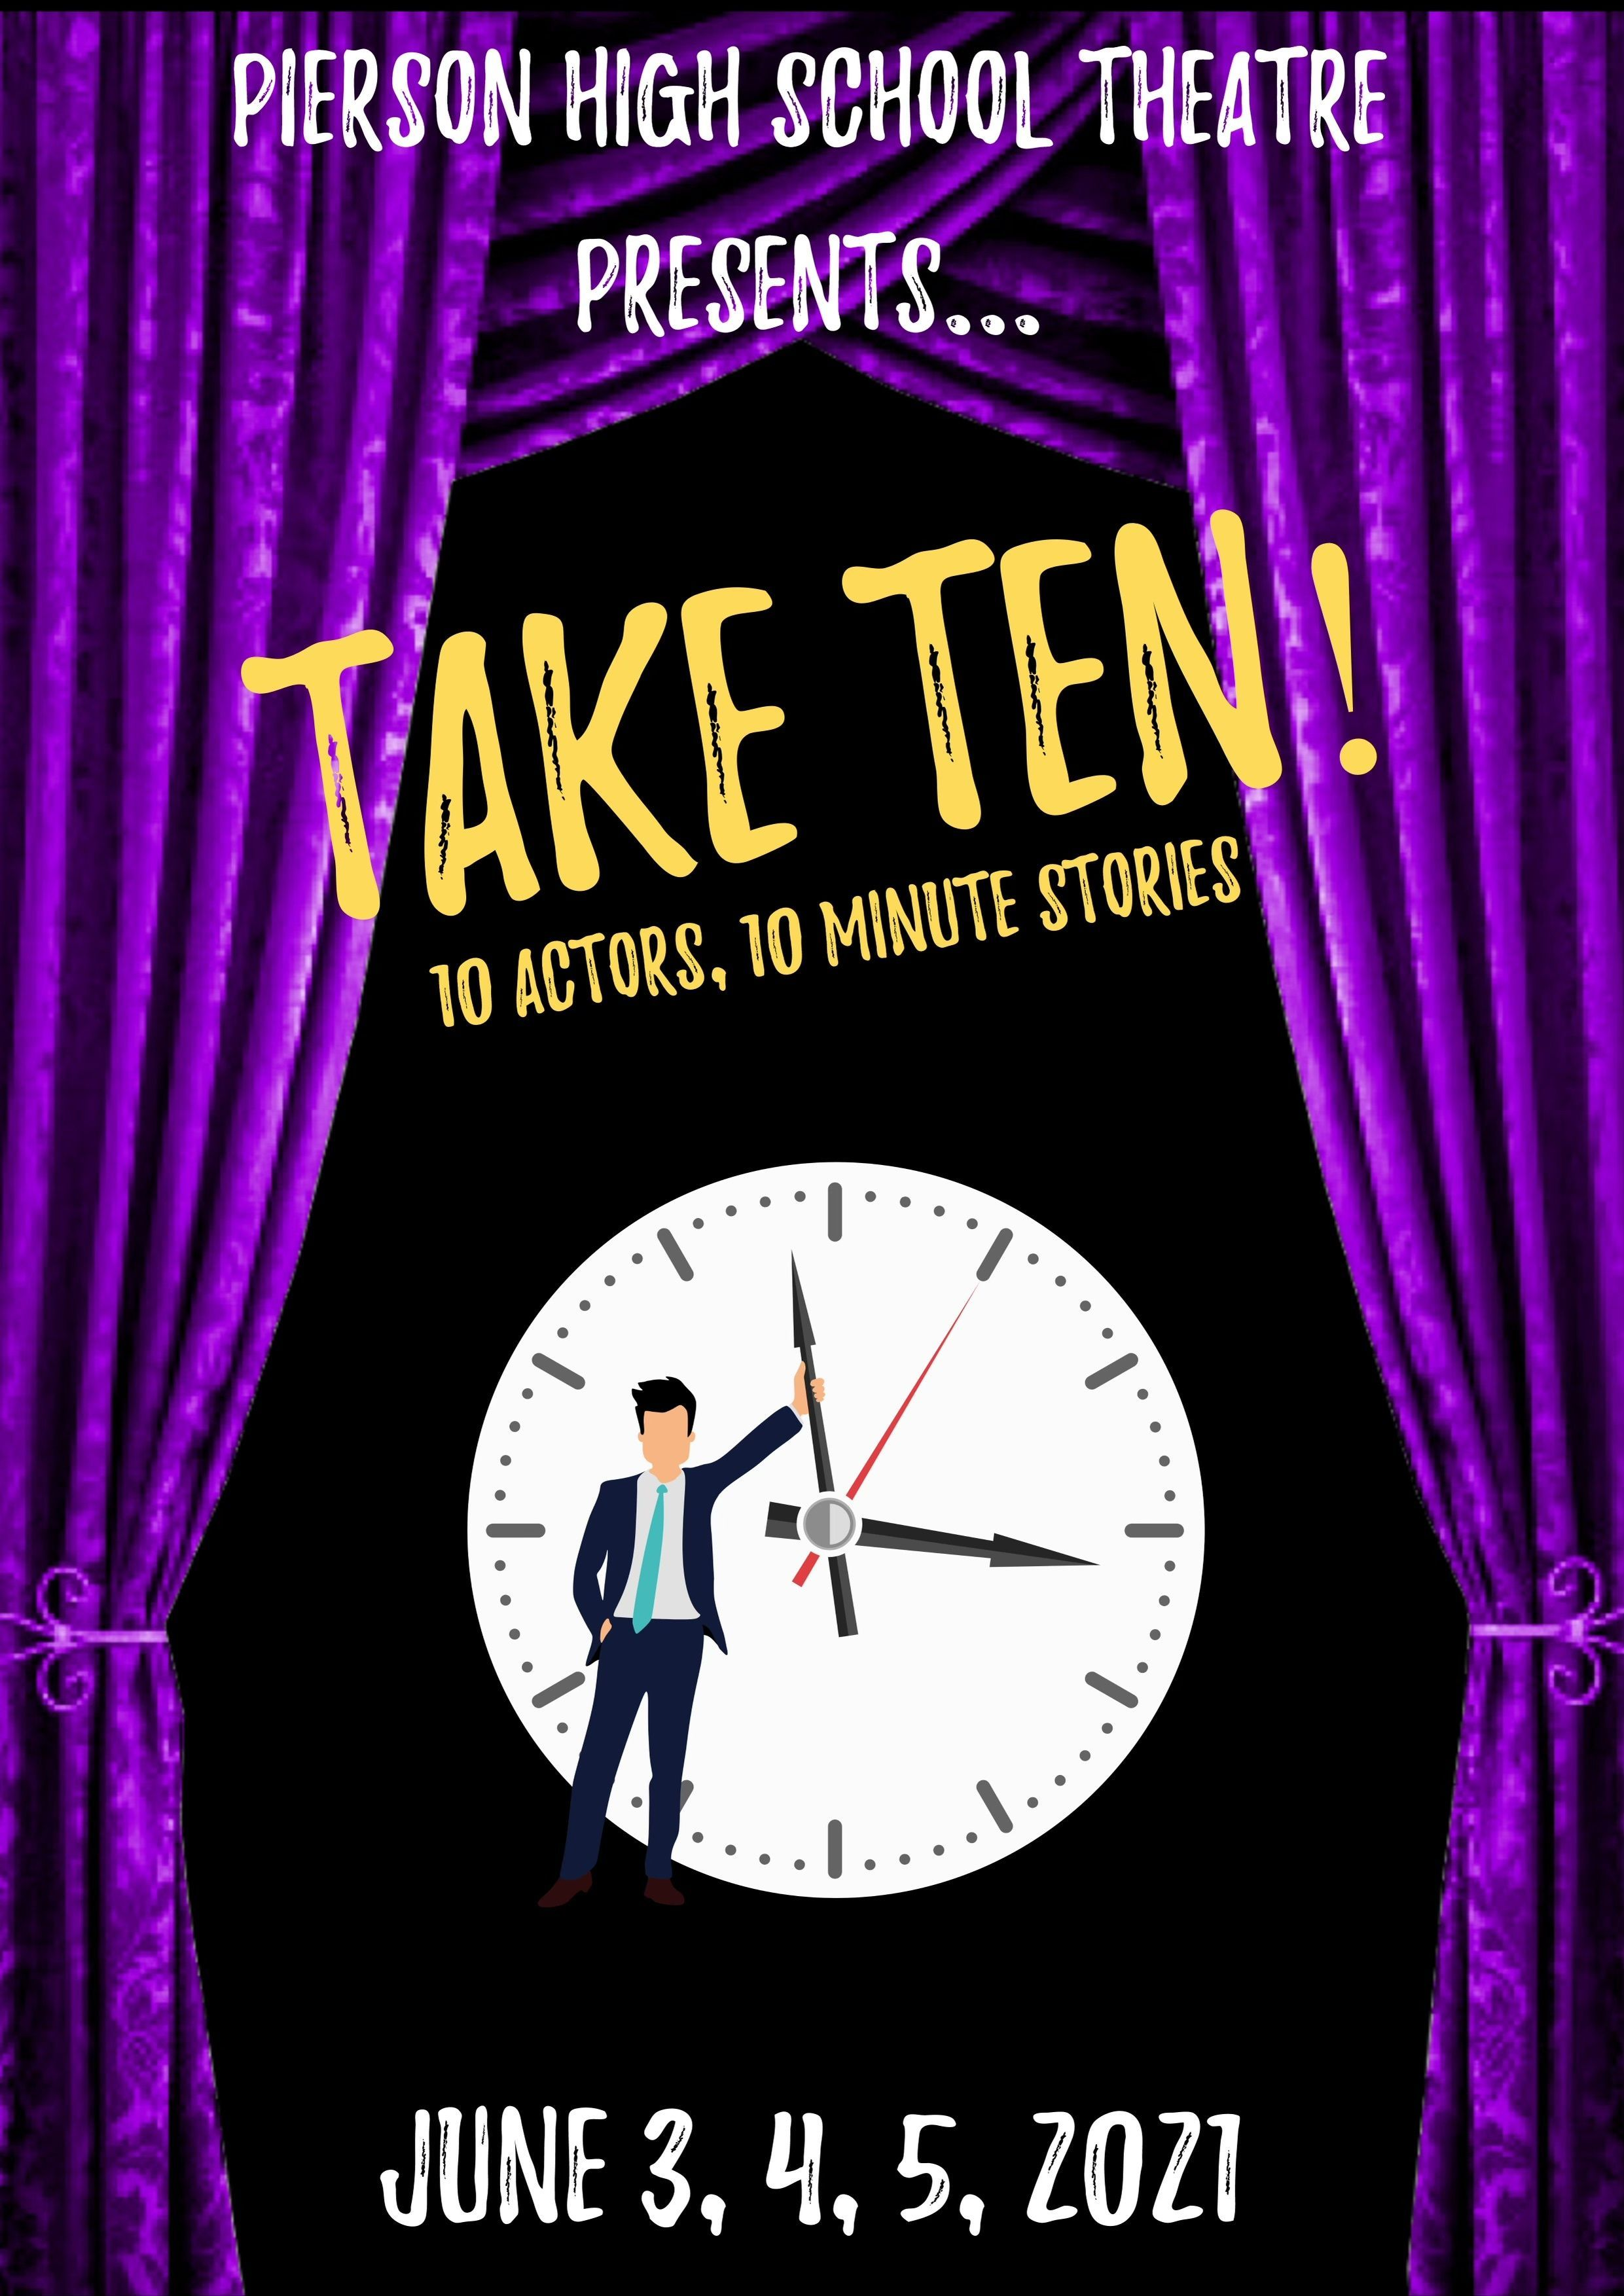 Take Ten!